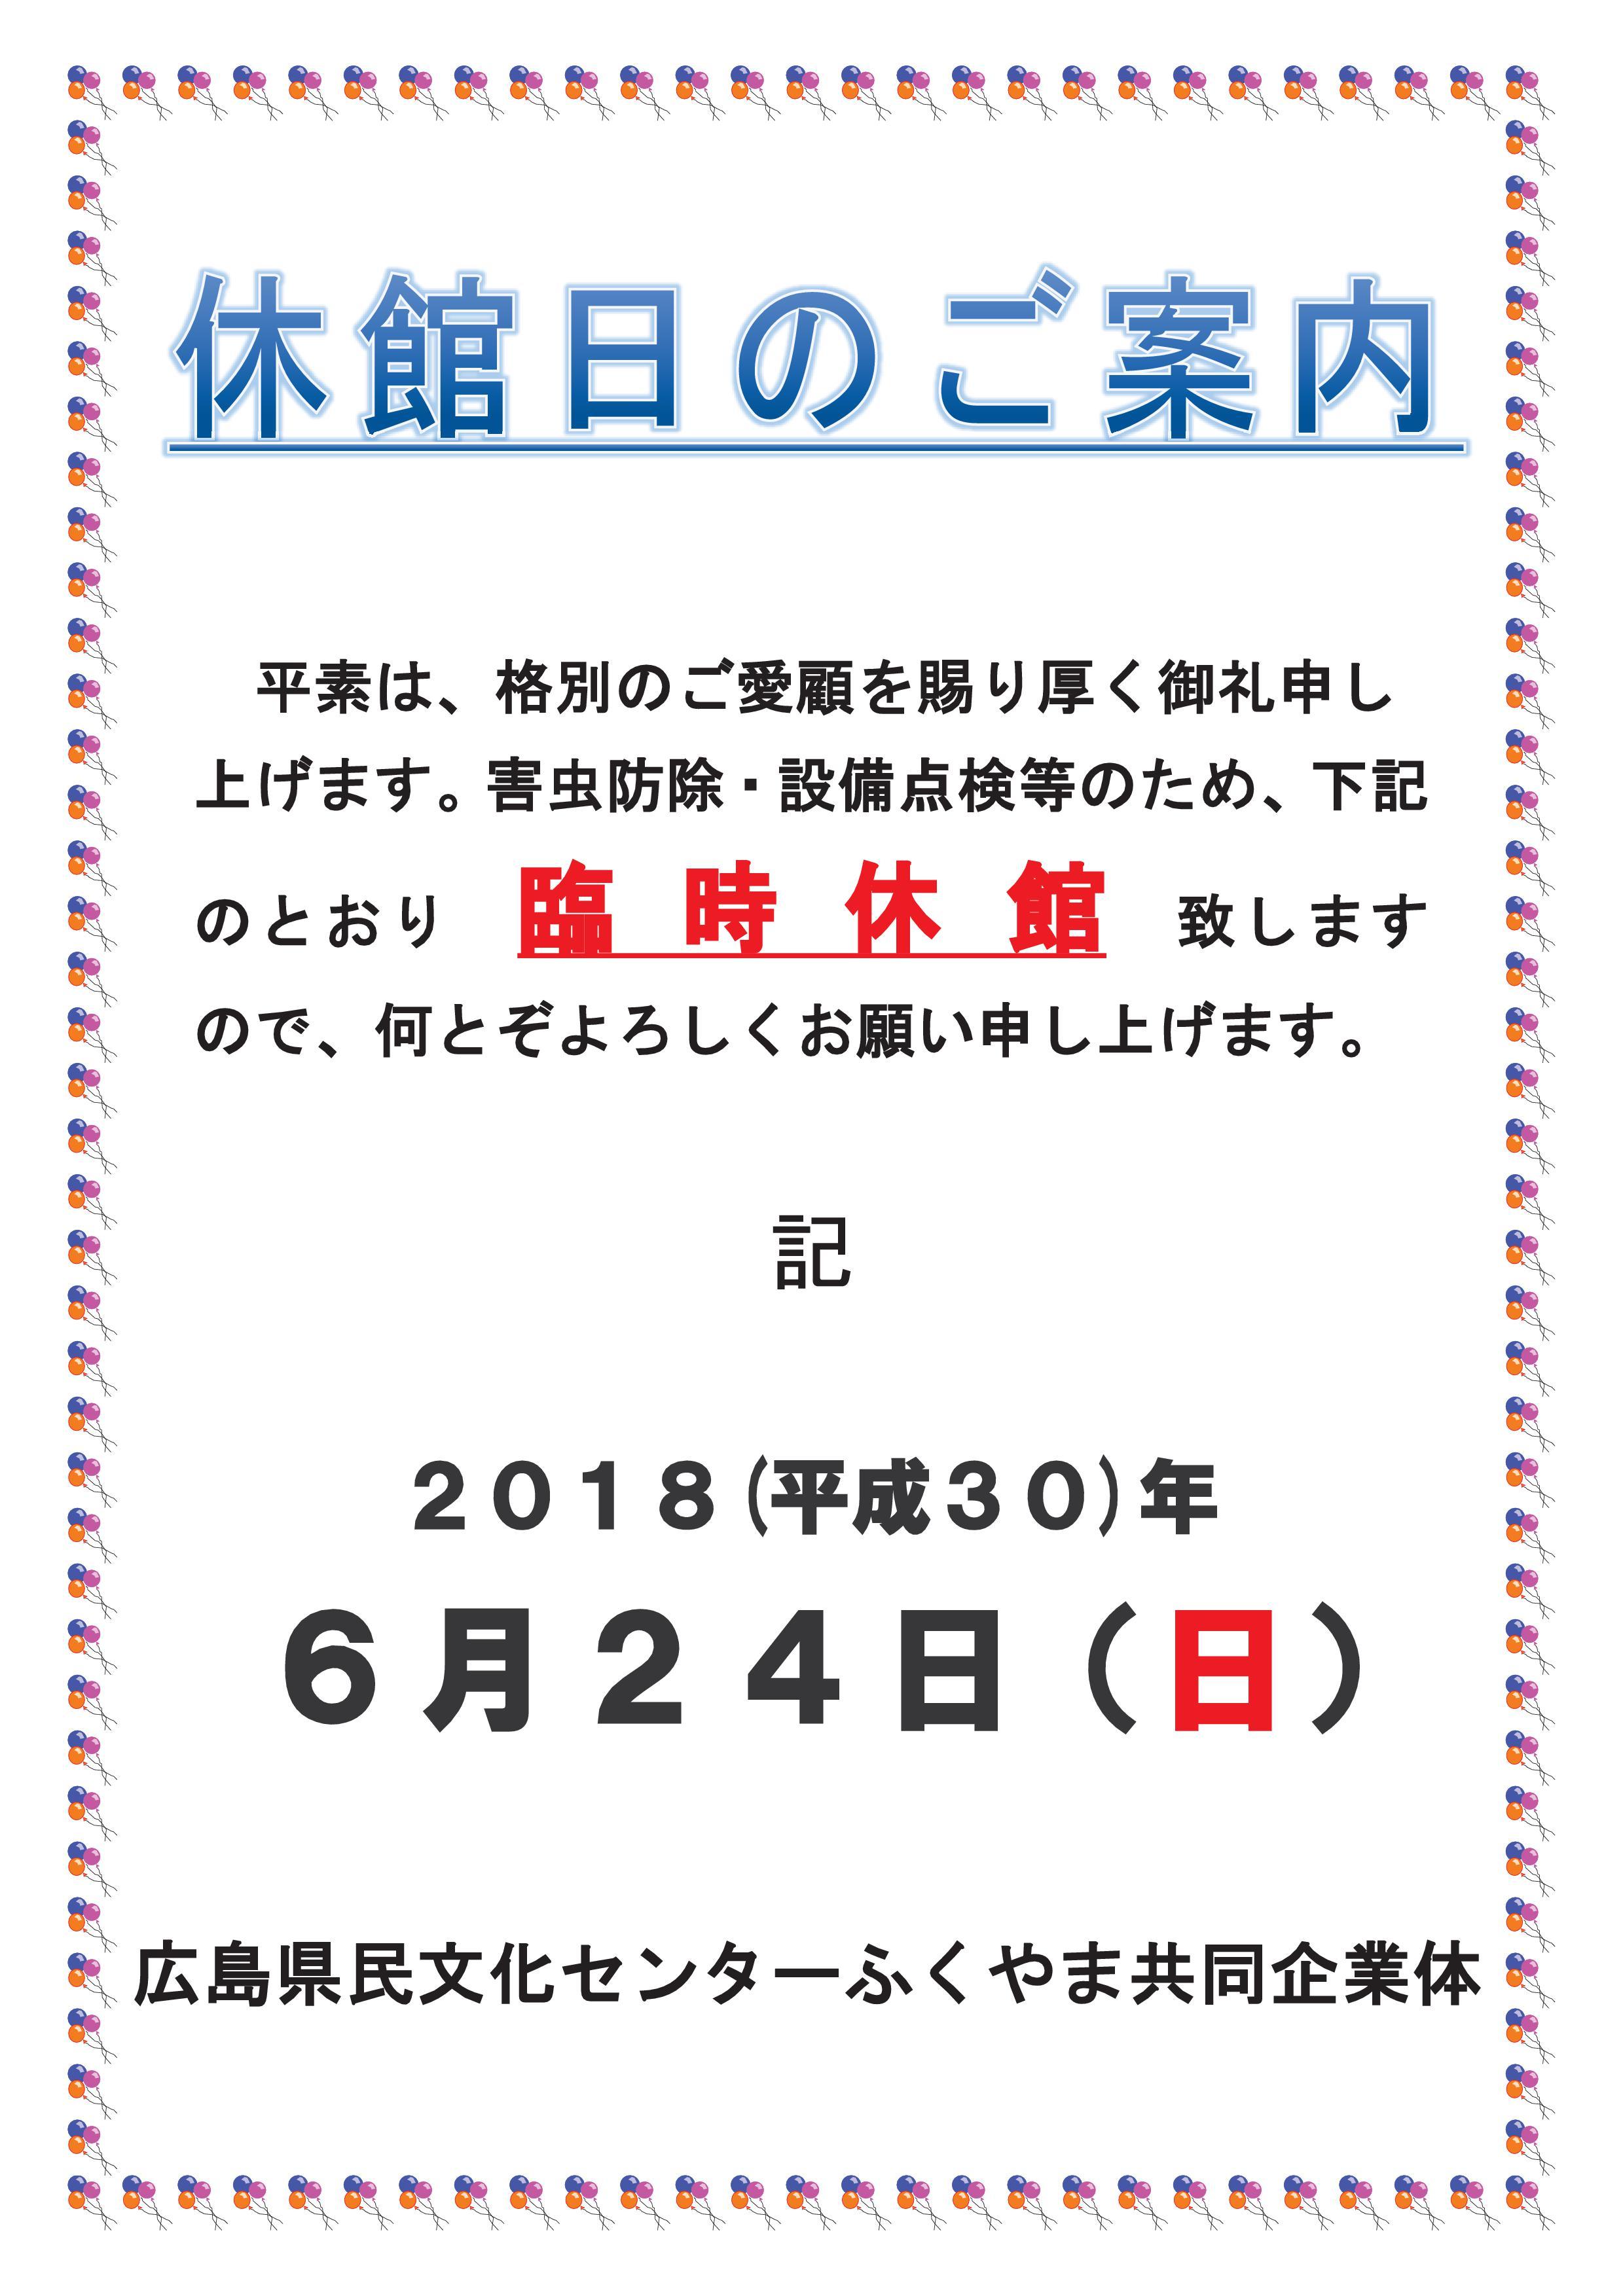 2018.6 臨時休館日のお知らせ